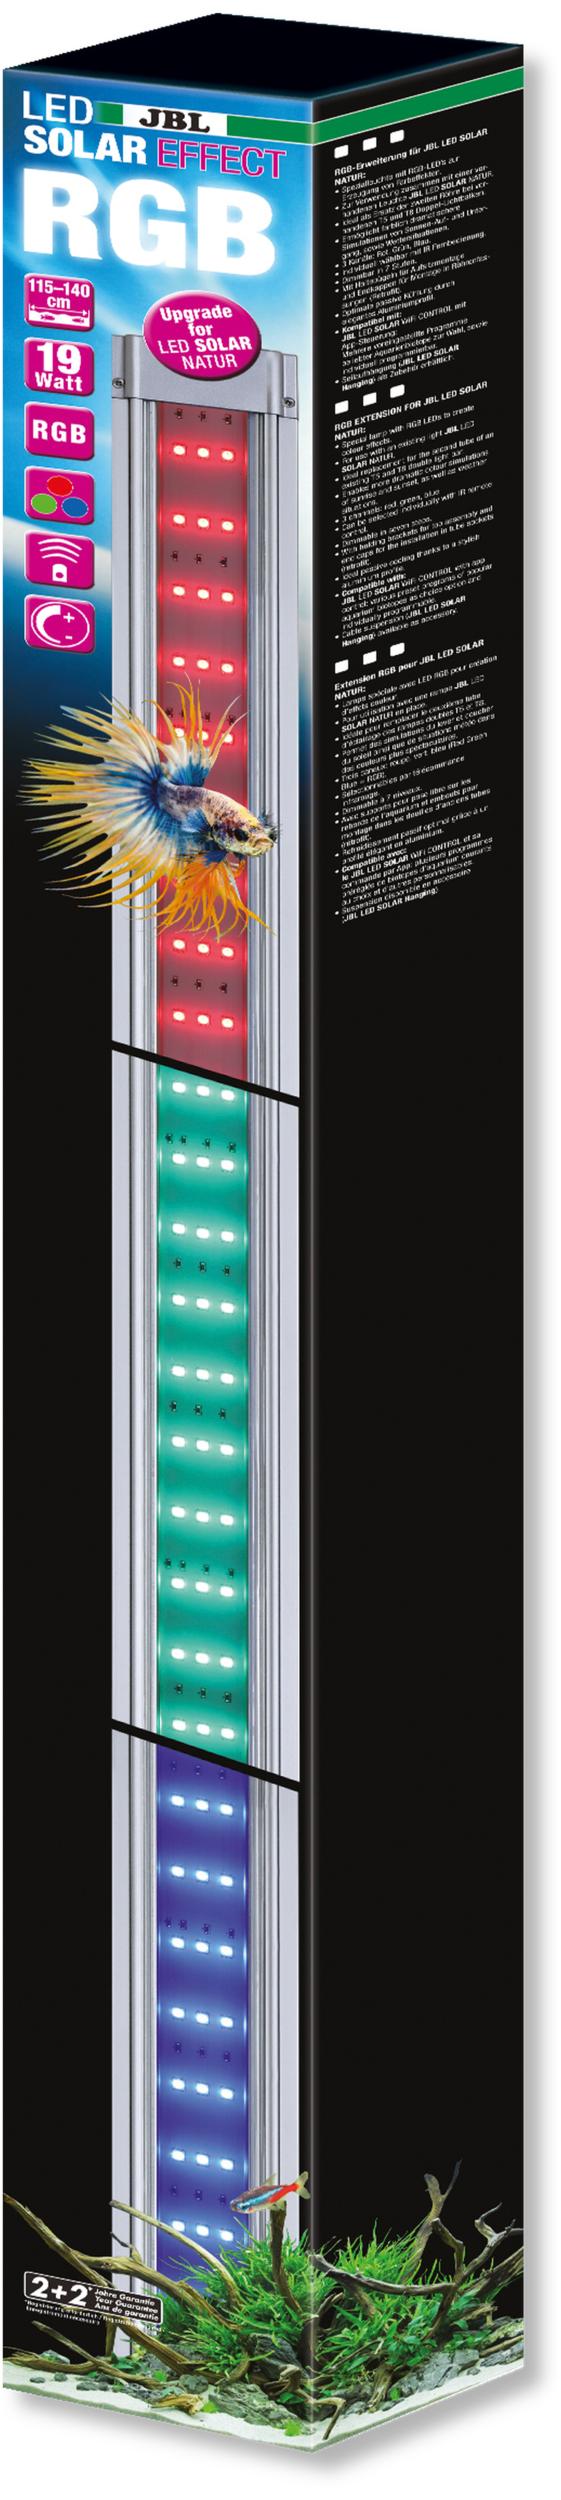 JBL LED Solar Effect 19W rampe complémentaire aquarium Eau douce de 115 à 140 cm ou remplace tube T5 et T8